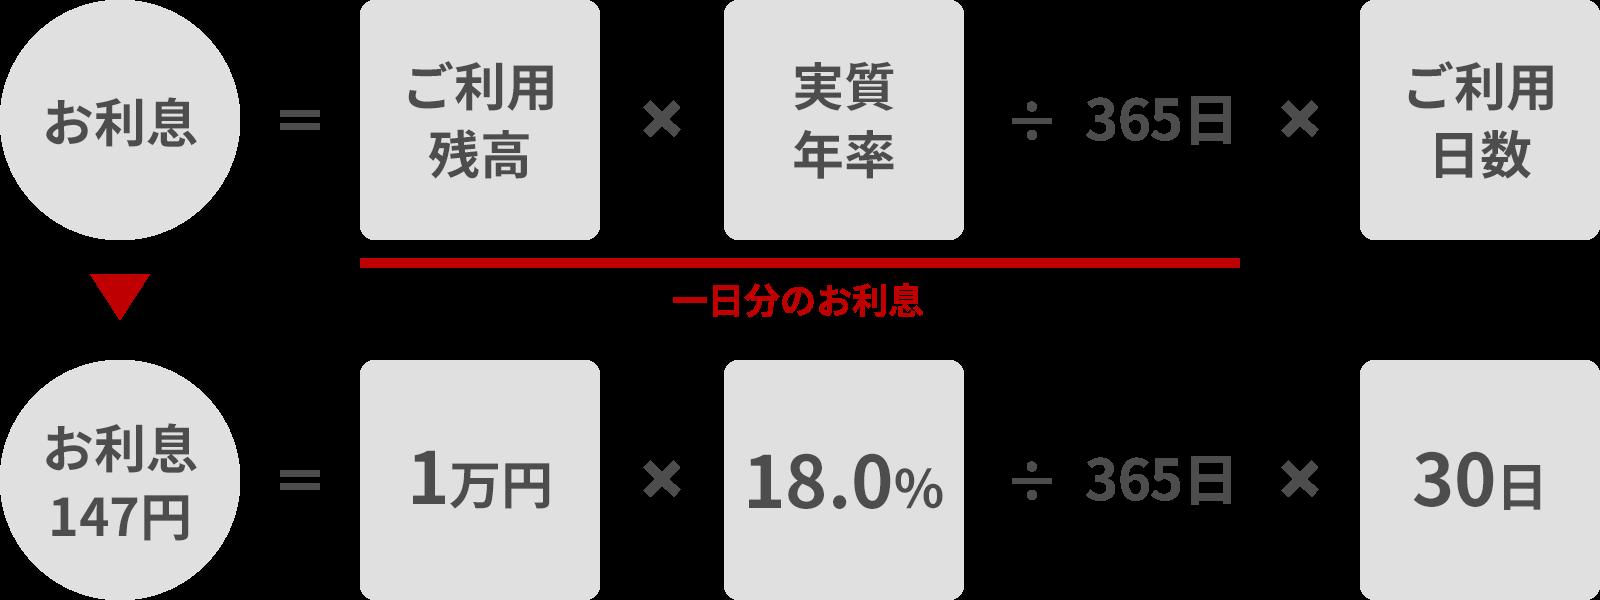 楽天カードのキャッシング手数料